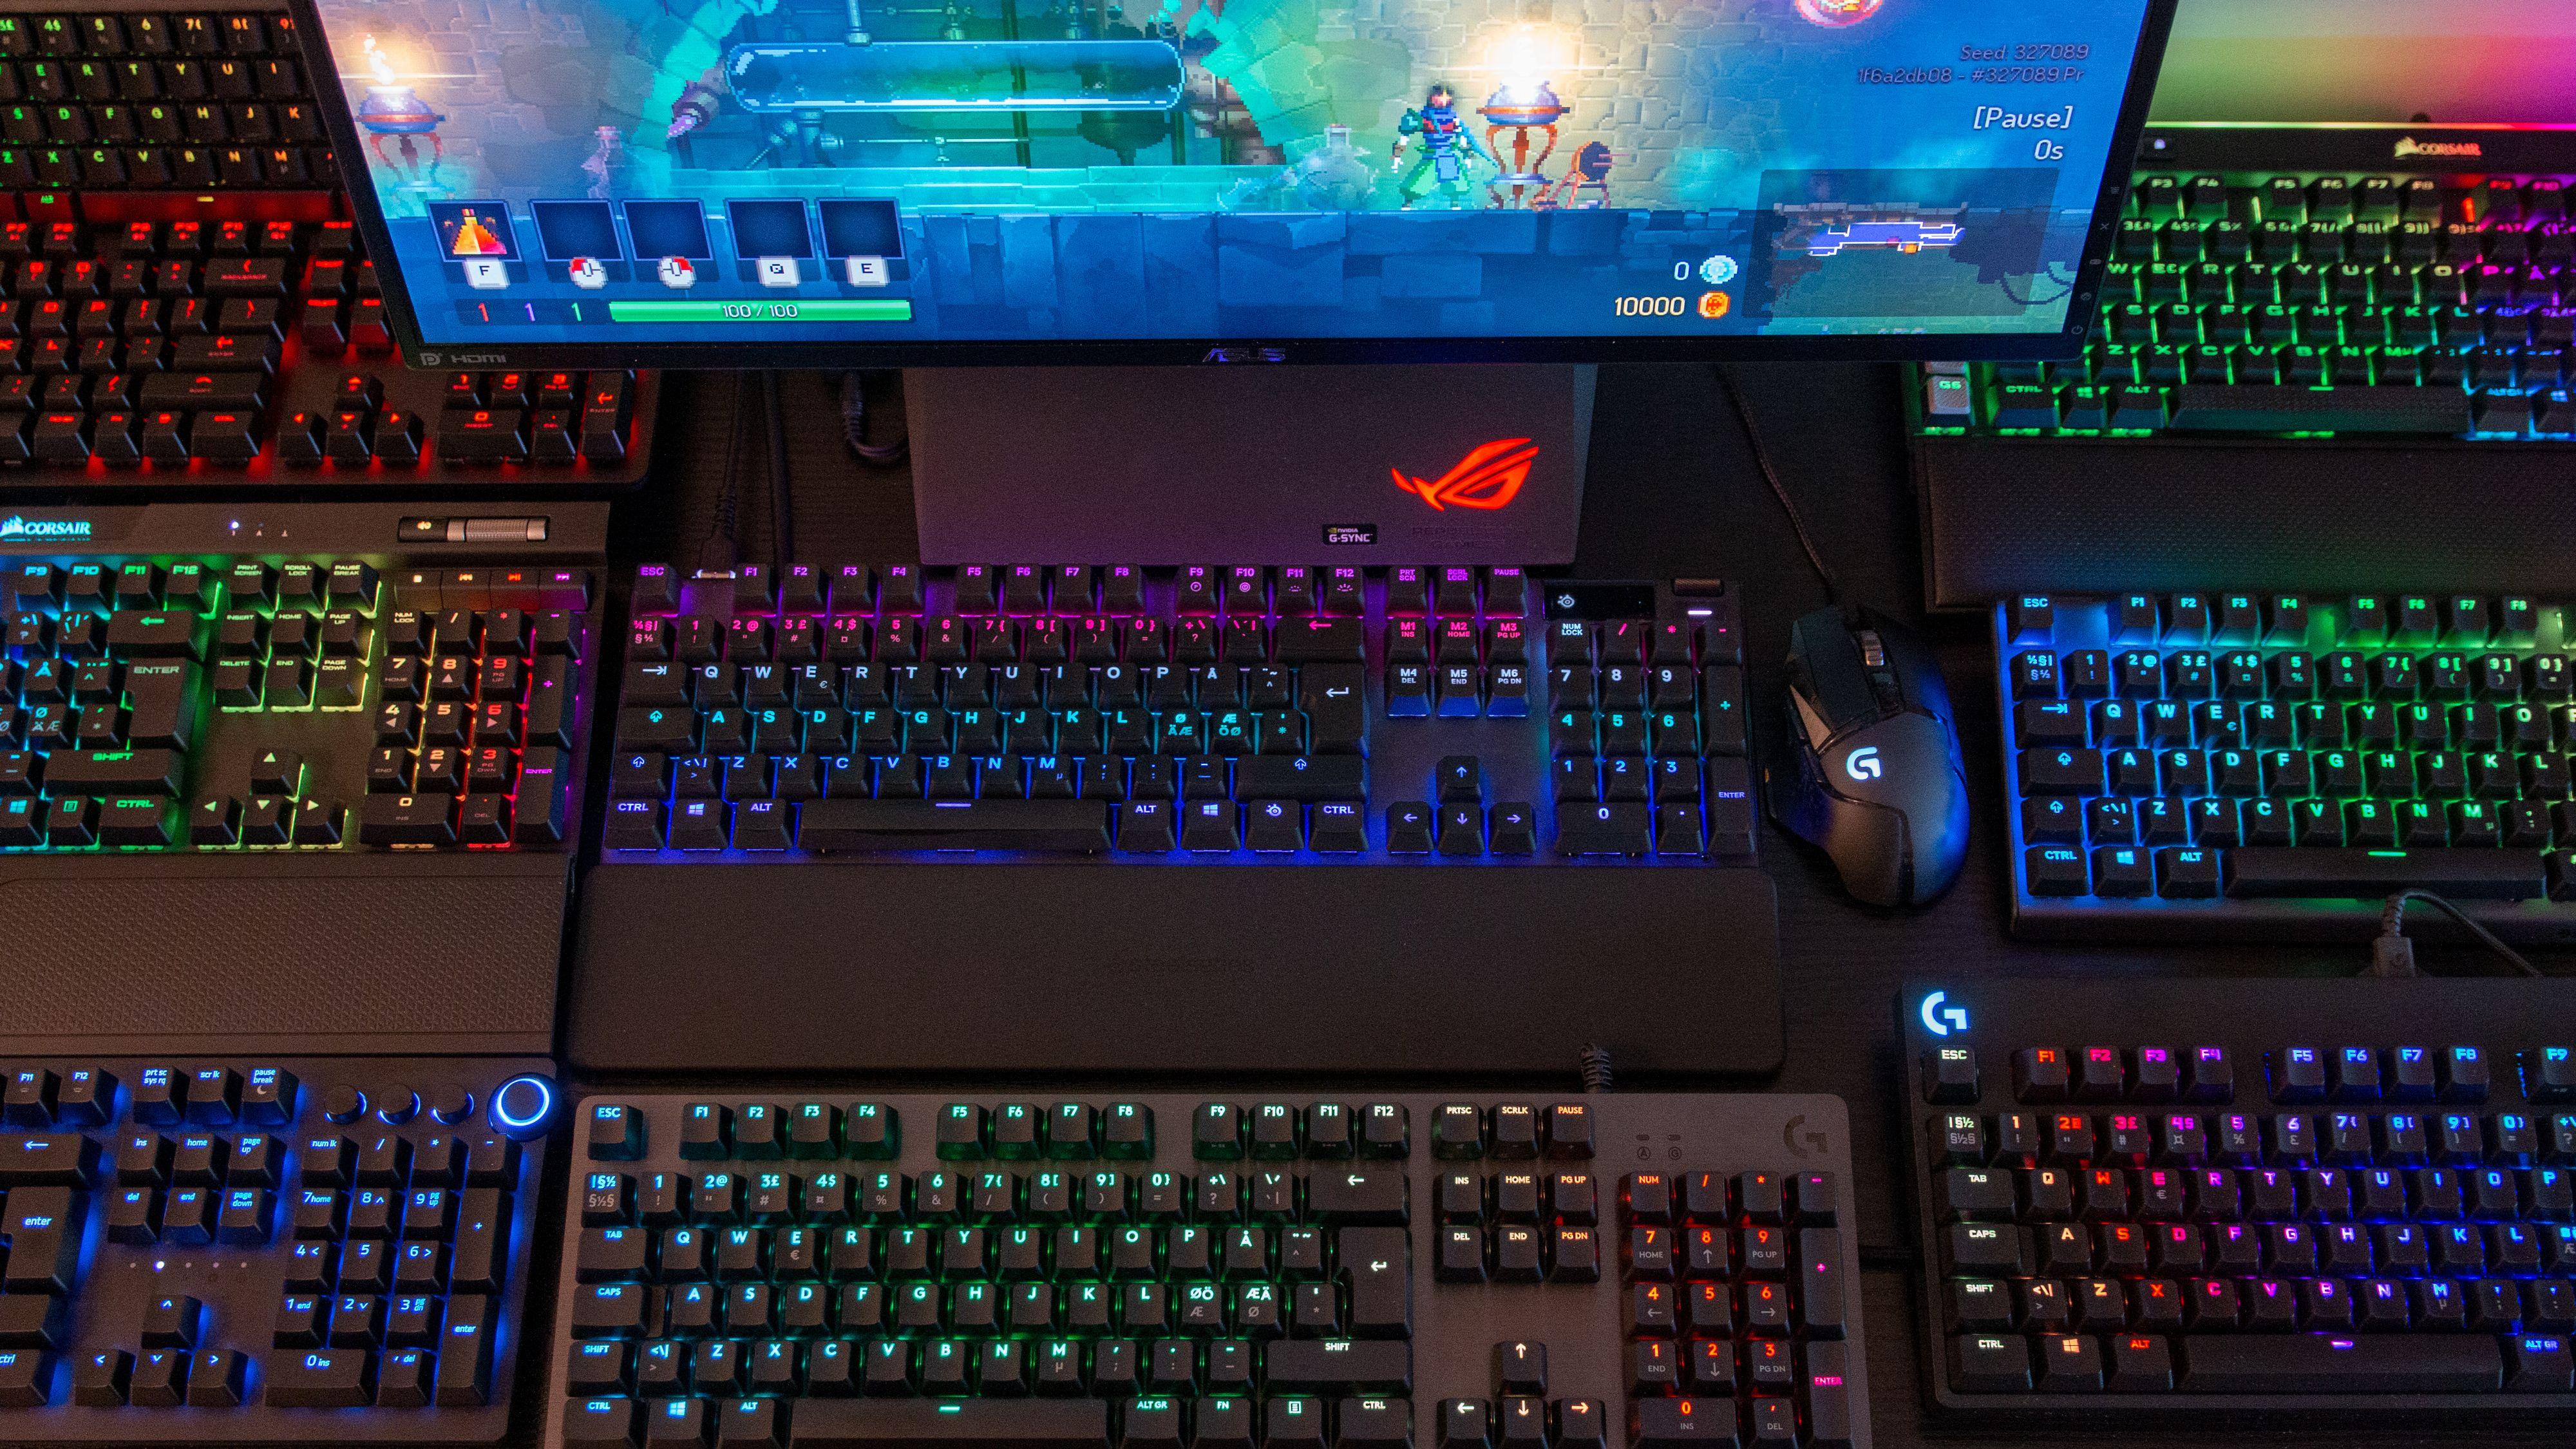 Det beste mekaniske tastaturet har justerbare brytere og OLED-skjerm